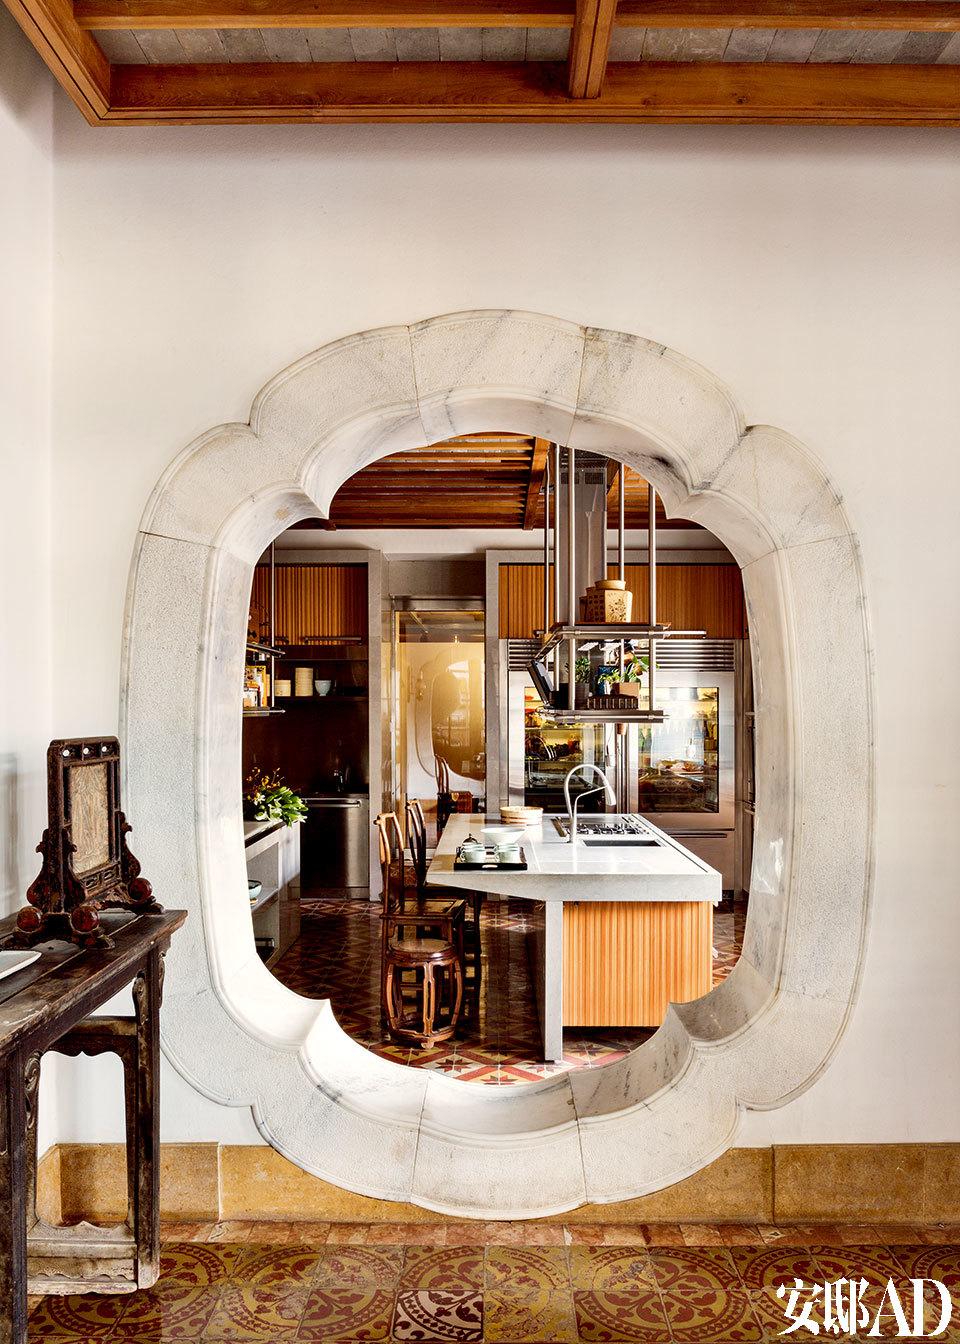 因爱好美食与烹饪,主人为厨房留出了宽敞空间。以中国园林的窗洞为门,更让古今中西融汇一堂,好似窥见生动的日常之美!厨房位于一层,面积很大,因为主人不仅是美食爱好者,更乐于自己下厨。但选到实用又美观的厨具并非易事,直到淡勃在欧洲偶遇该橱柜品牌的老板,才终于眼前一亮,并自己设计拼配了设备,他当时的设计手稿还陈列在该品牌的总部。而厨房的门则别出心裁地设计成了中式园林窗的样子。